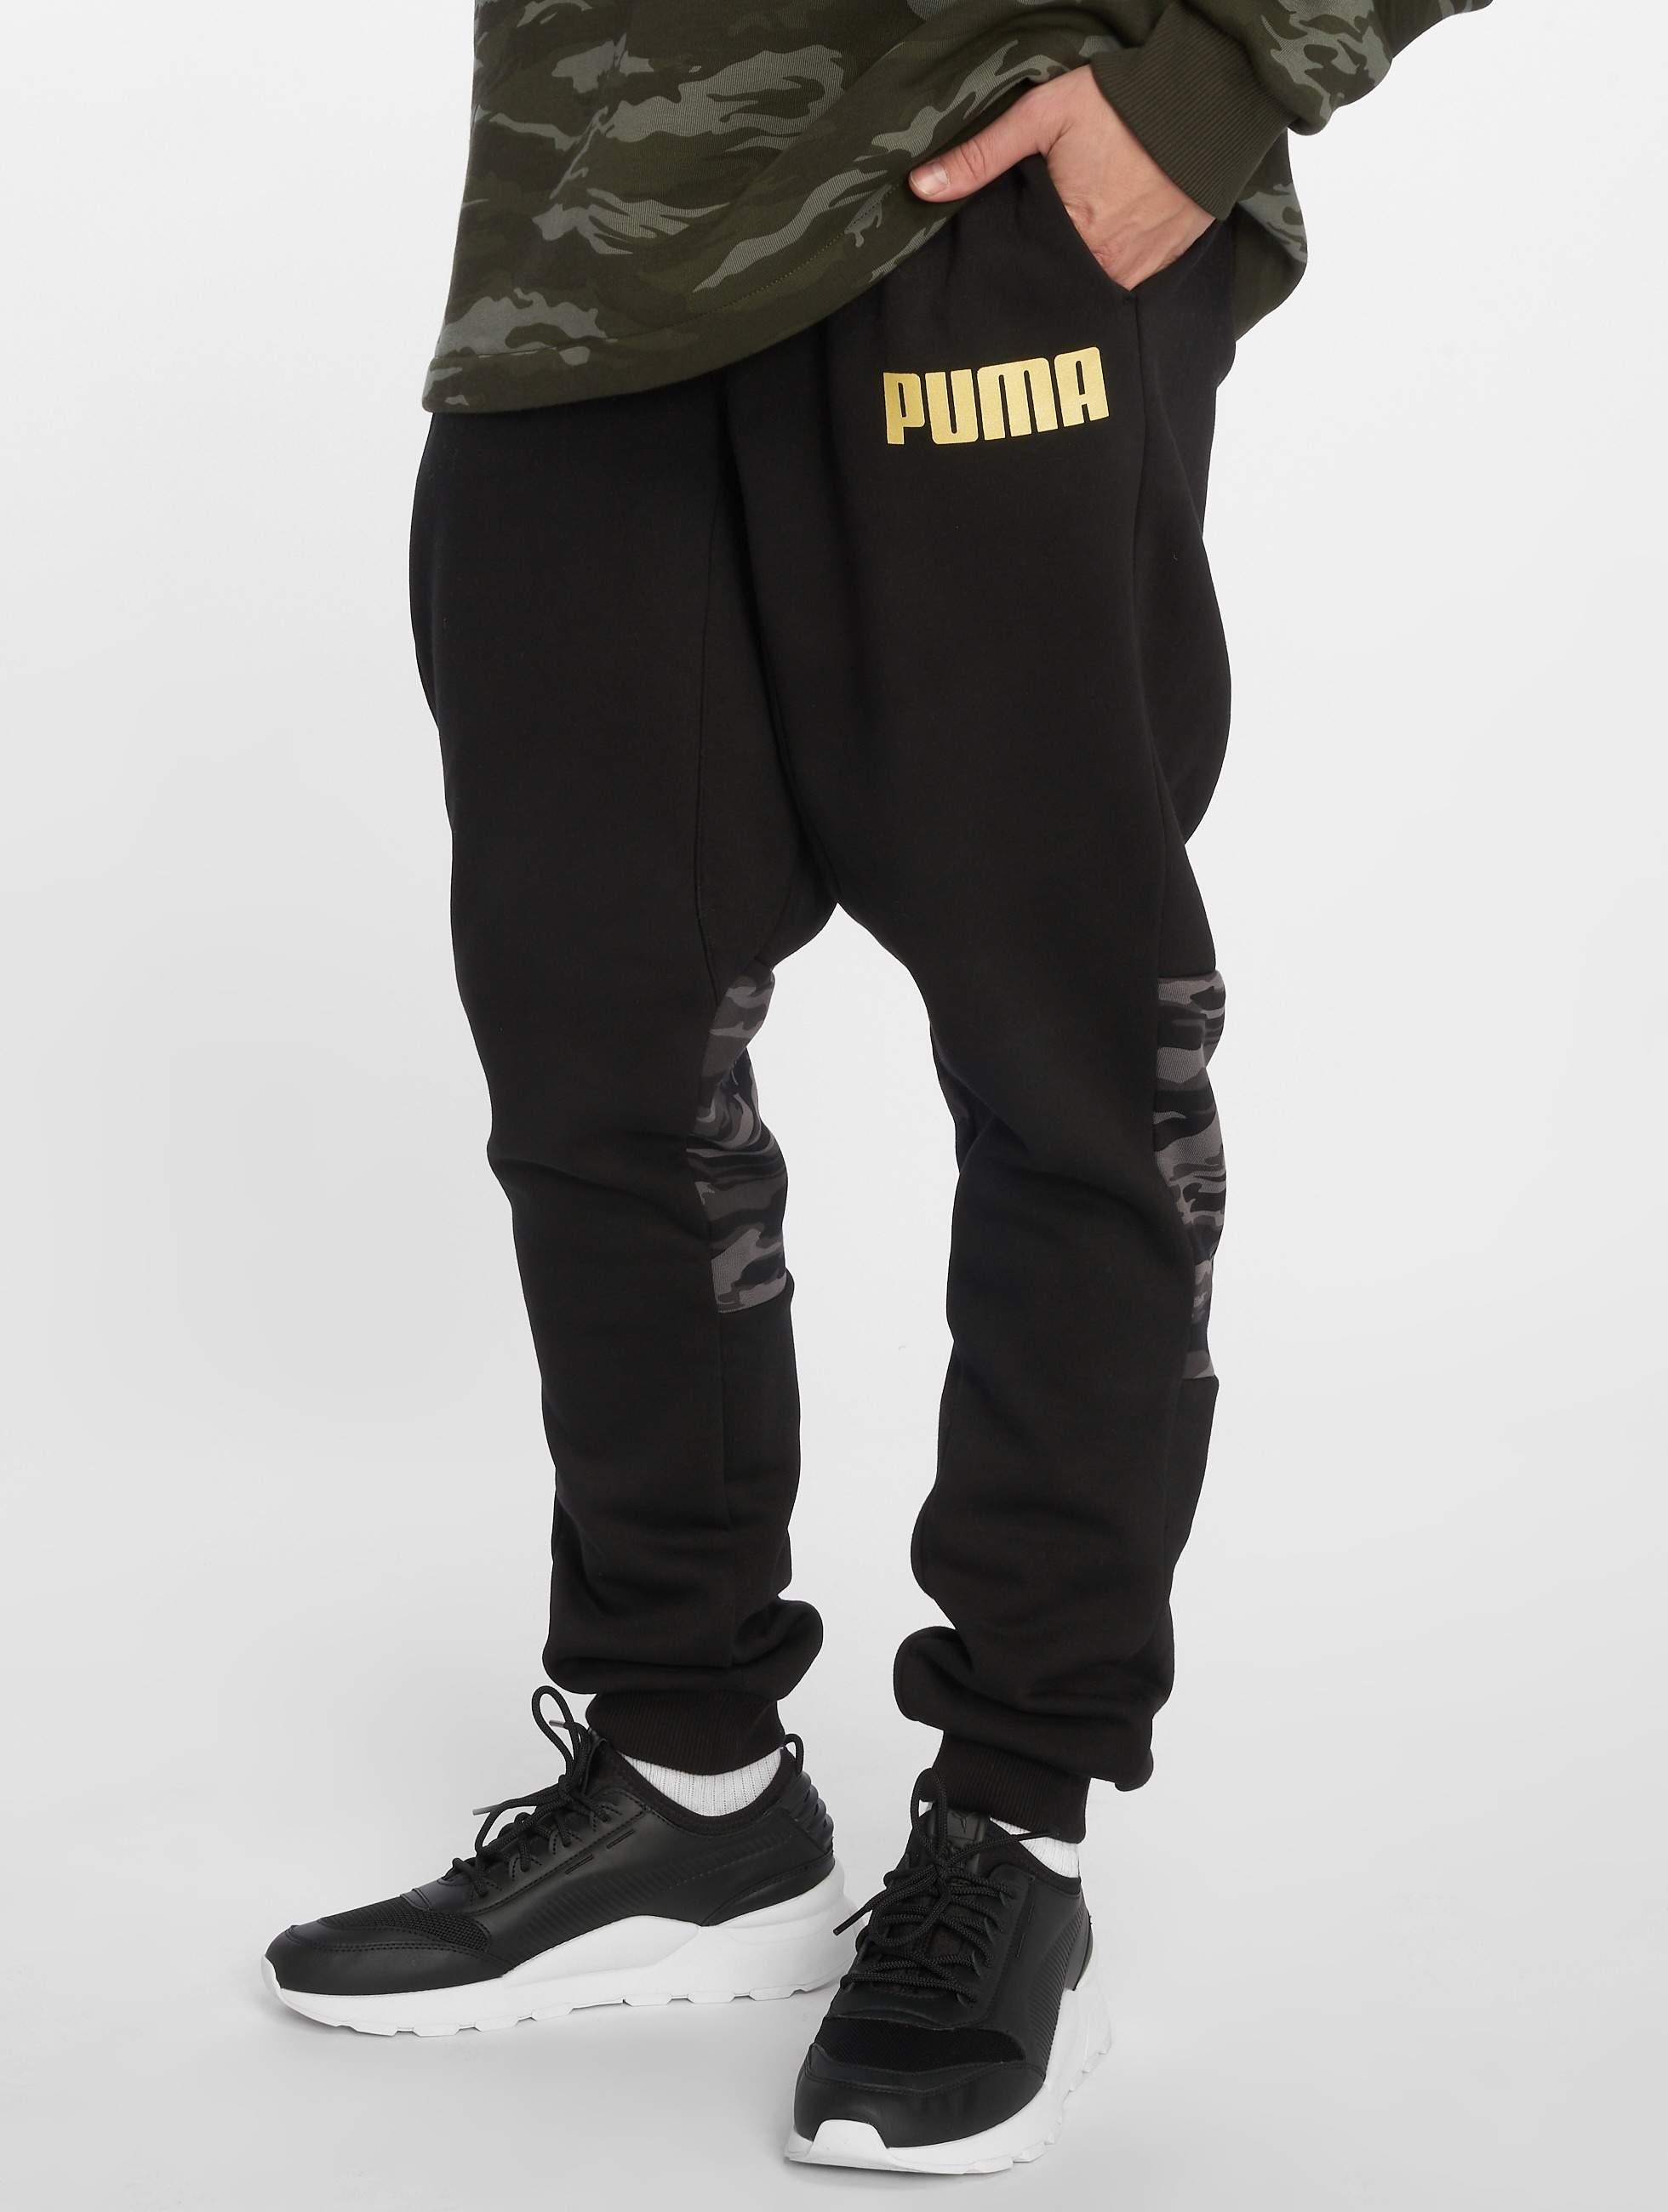 5e222df8a6a Puma broek / joggingbroek Camo in zwart 506127